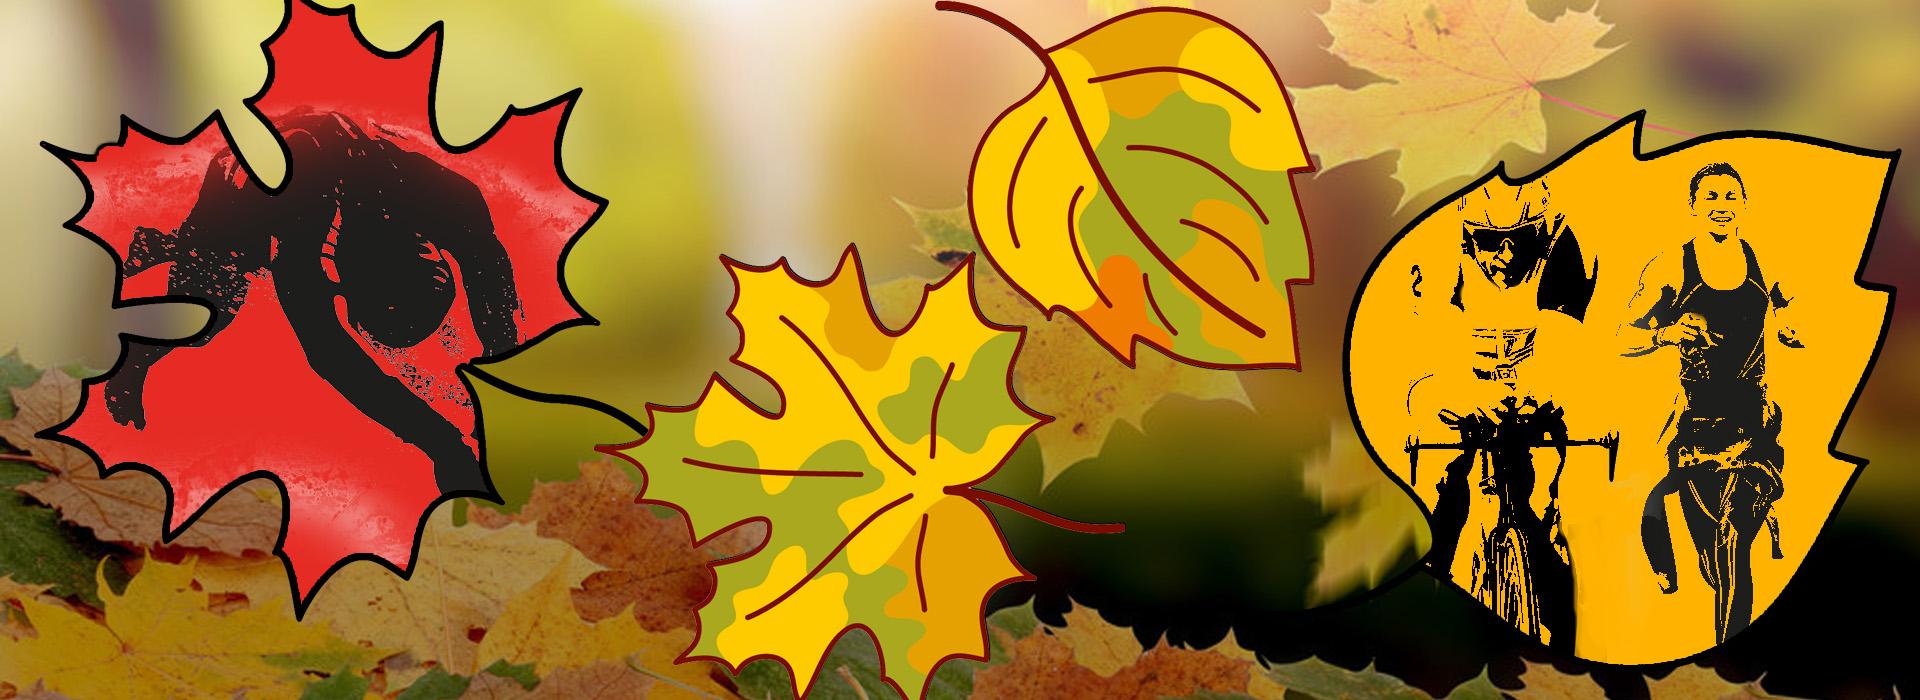 Herbst- und Winterbekleidung